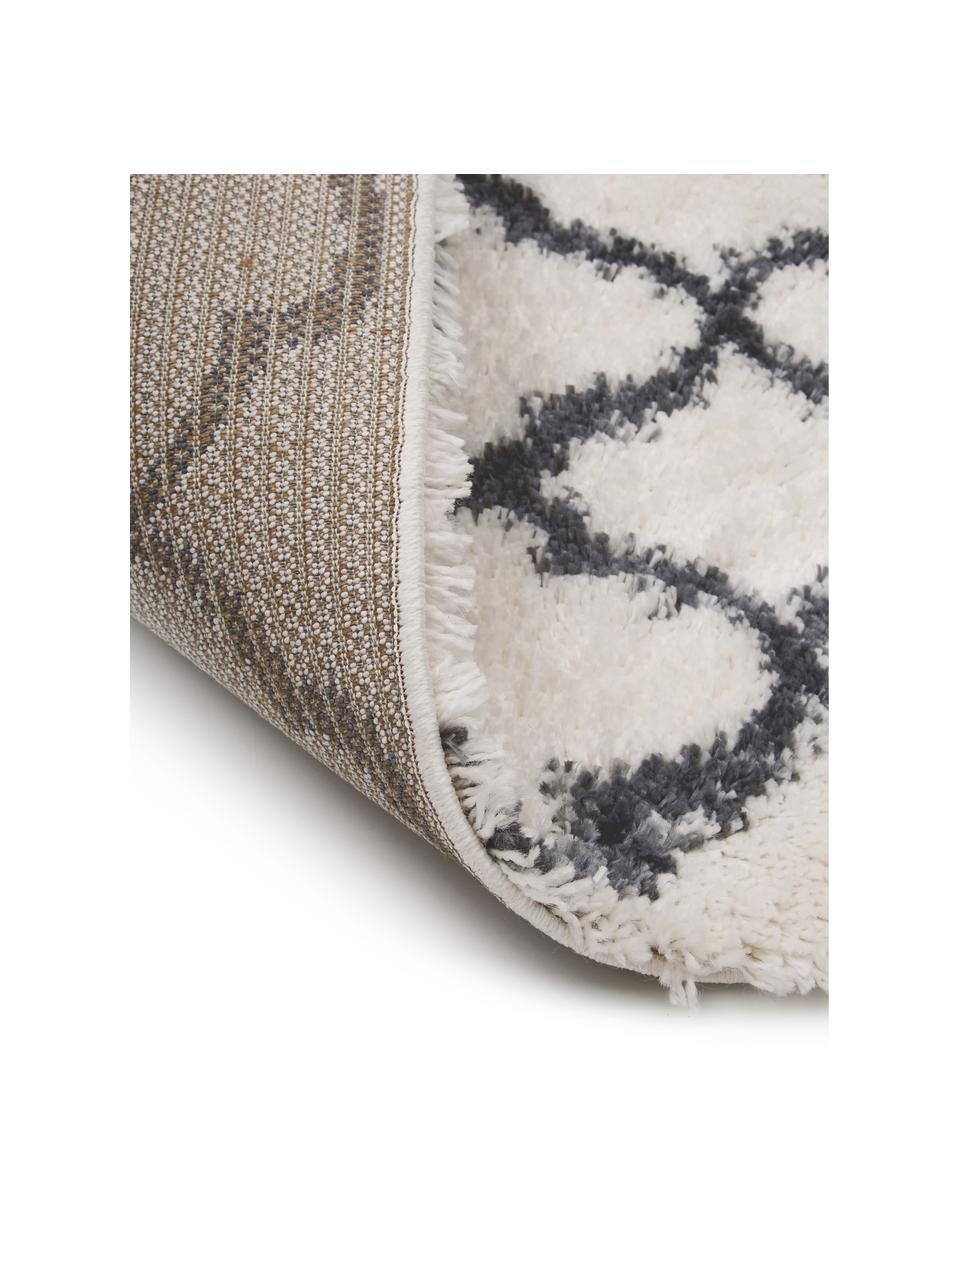 Hochflor-Teppich Mona in Cremeweiß/Dunkelgrau, Flor: 100% Polypropylen, Cremeweiß, Dunkelgrau, B 300 x L 400 cm (Größe XL)